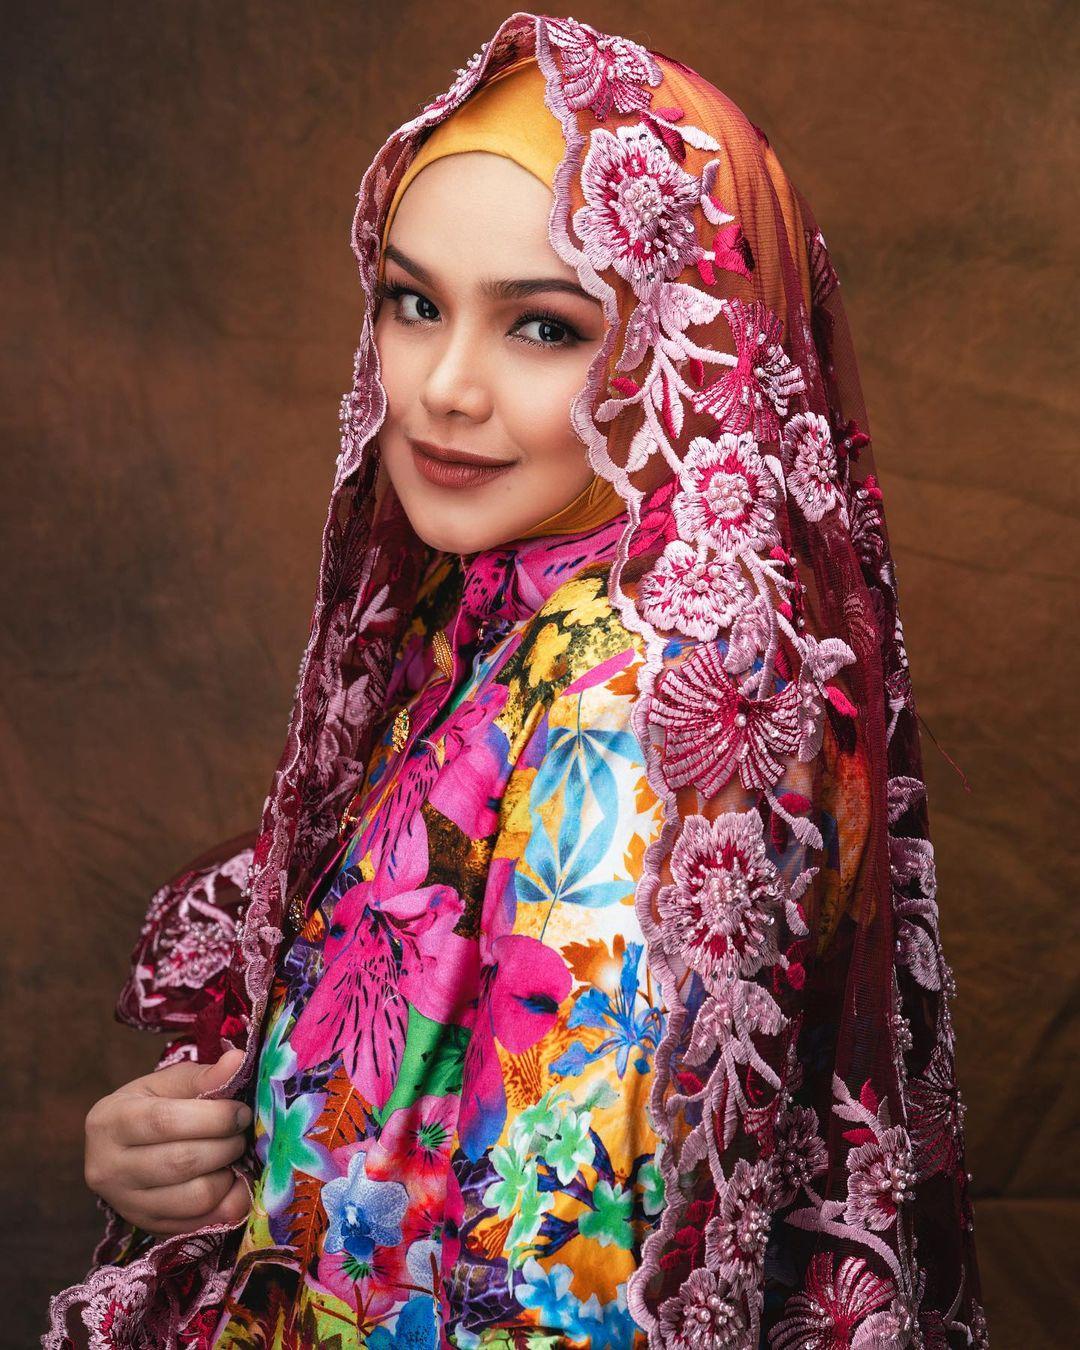 Tukar Baju Tak Sampai 11 Saat, Peminat Kagum Lihat Penghasilan Muzik Video Lagu Terbaru Datuk Siti Nurhaliza 2